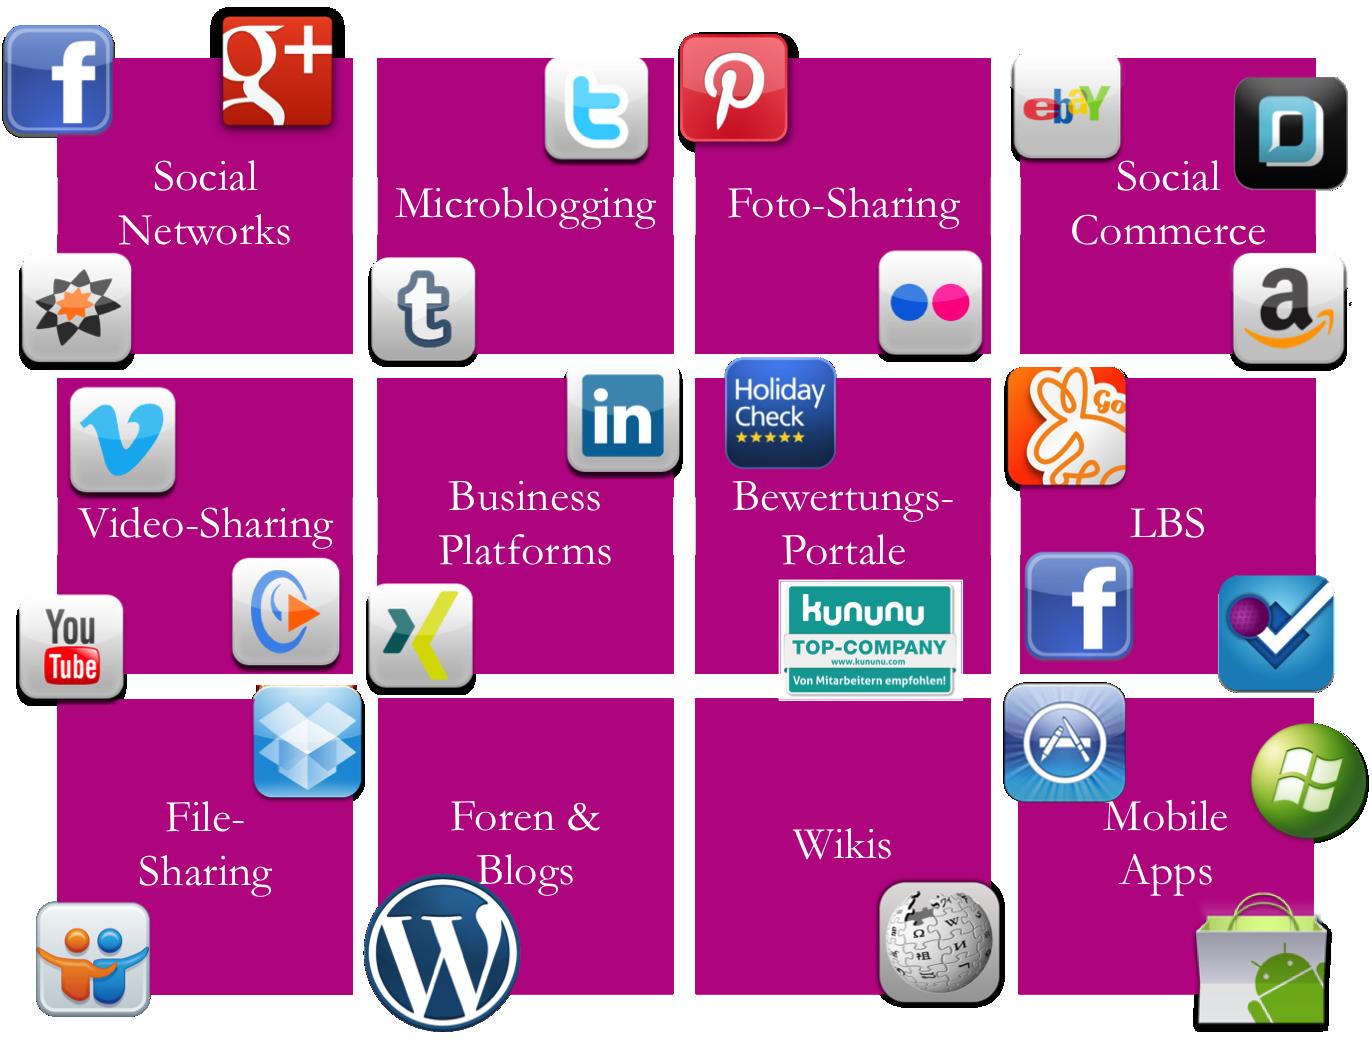 Social Media Landscape SMC